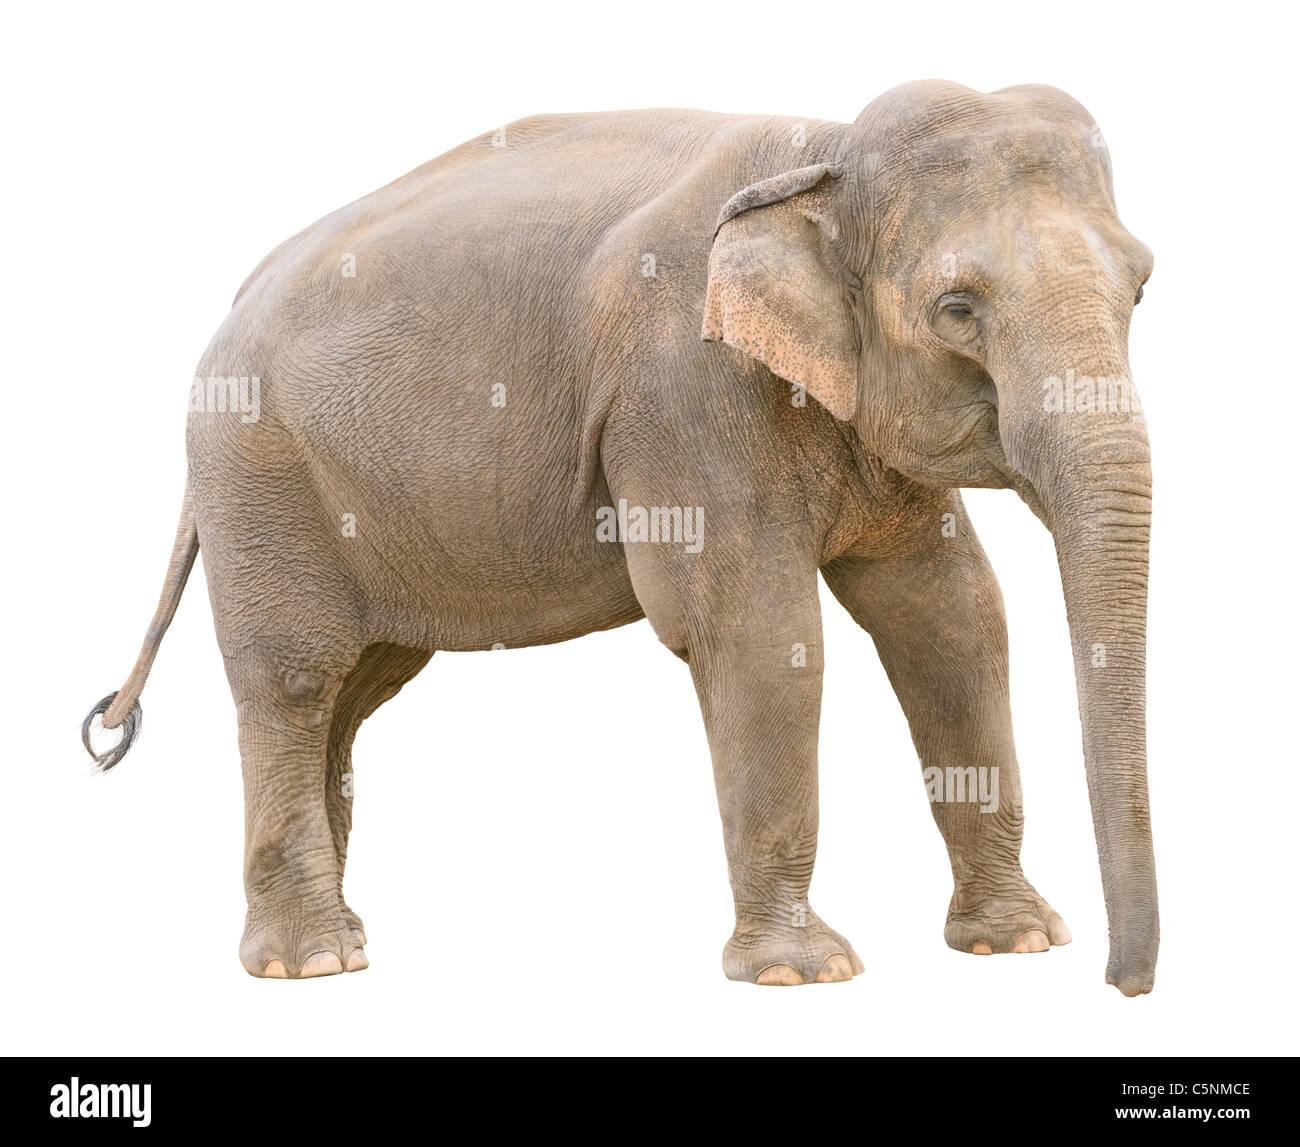 Asian elephant young female isolated on white background - Stock Image